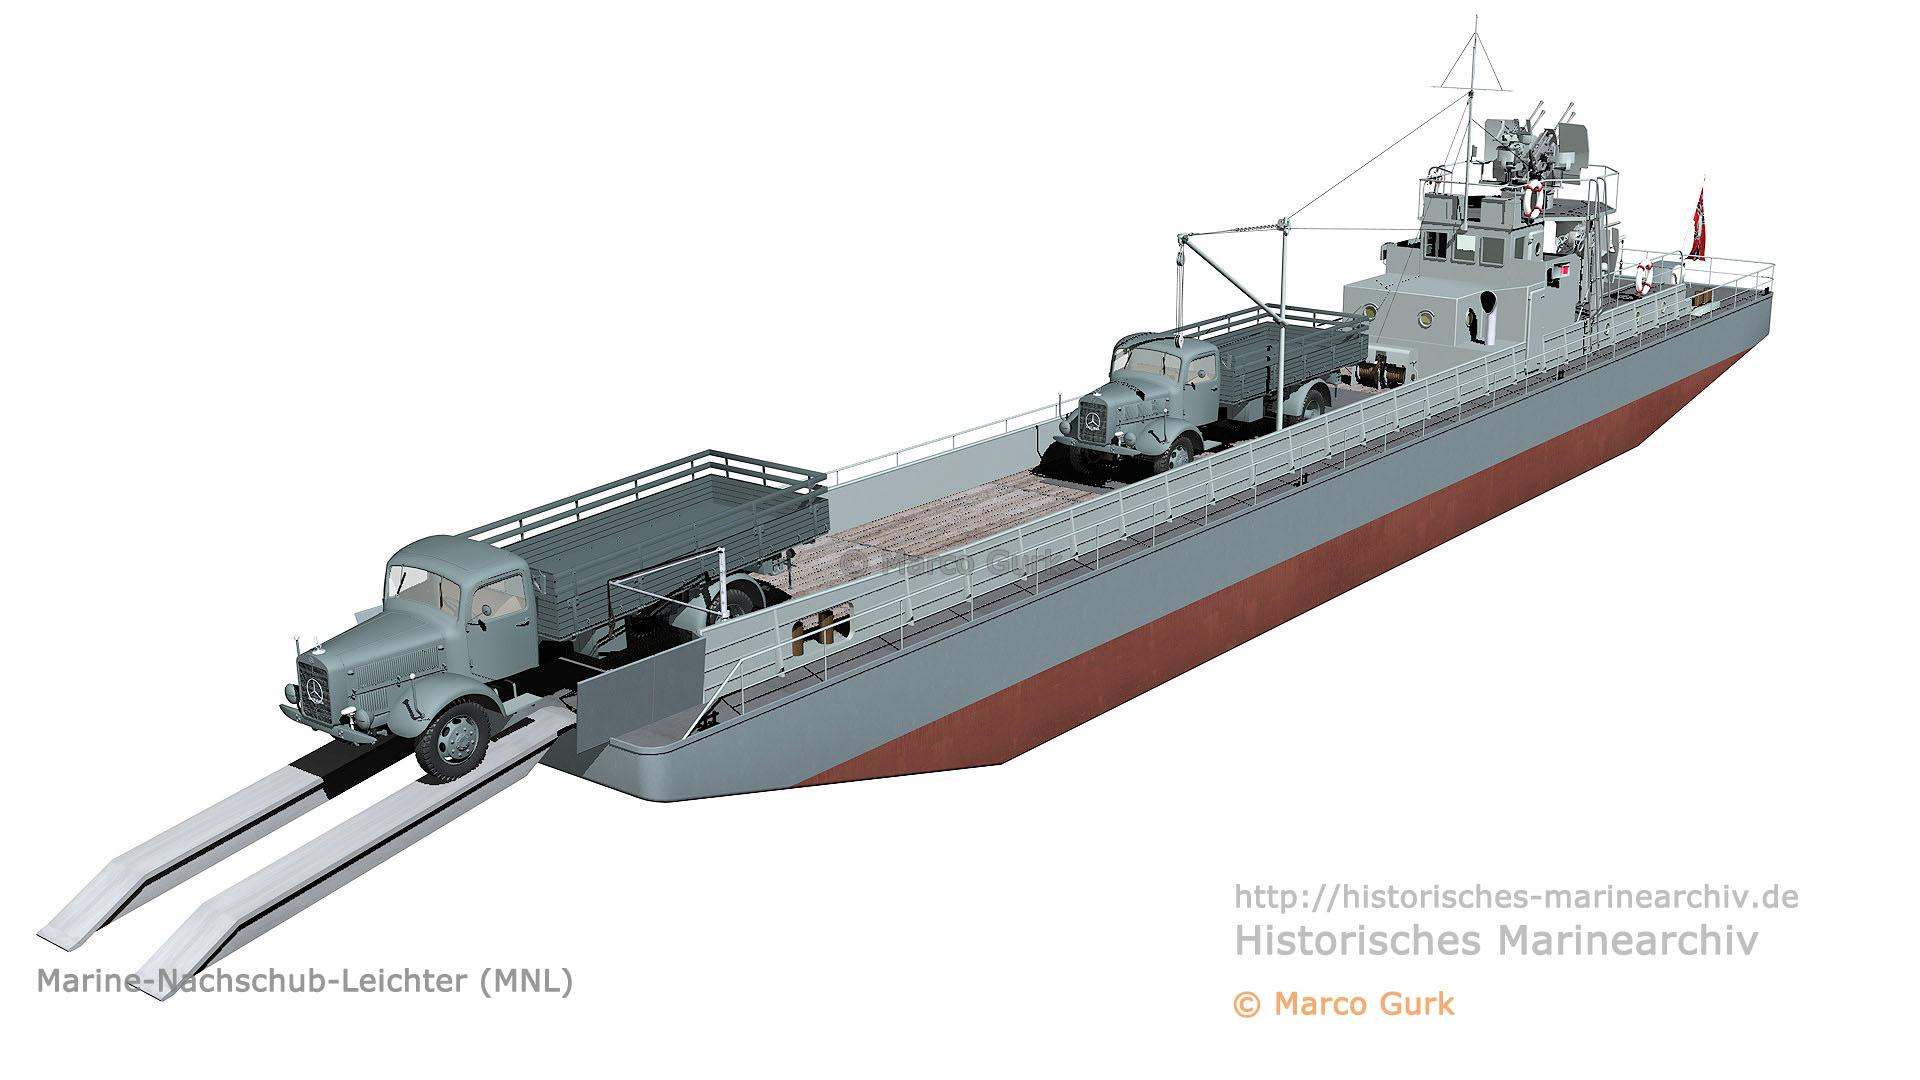 https://www.historisches-marinearchiv.de/ablage/grafiken/gurk/MNL/MNL-Typ-I-svvorn1.jpg